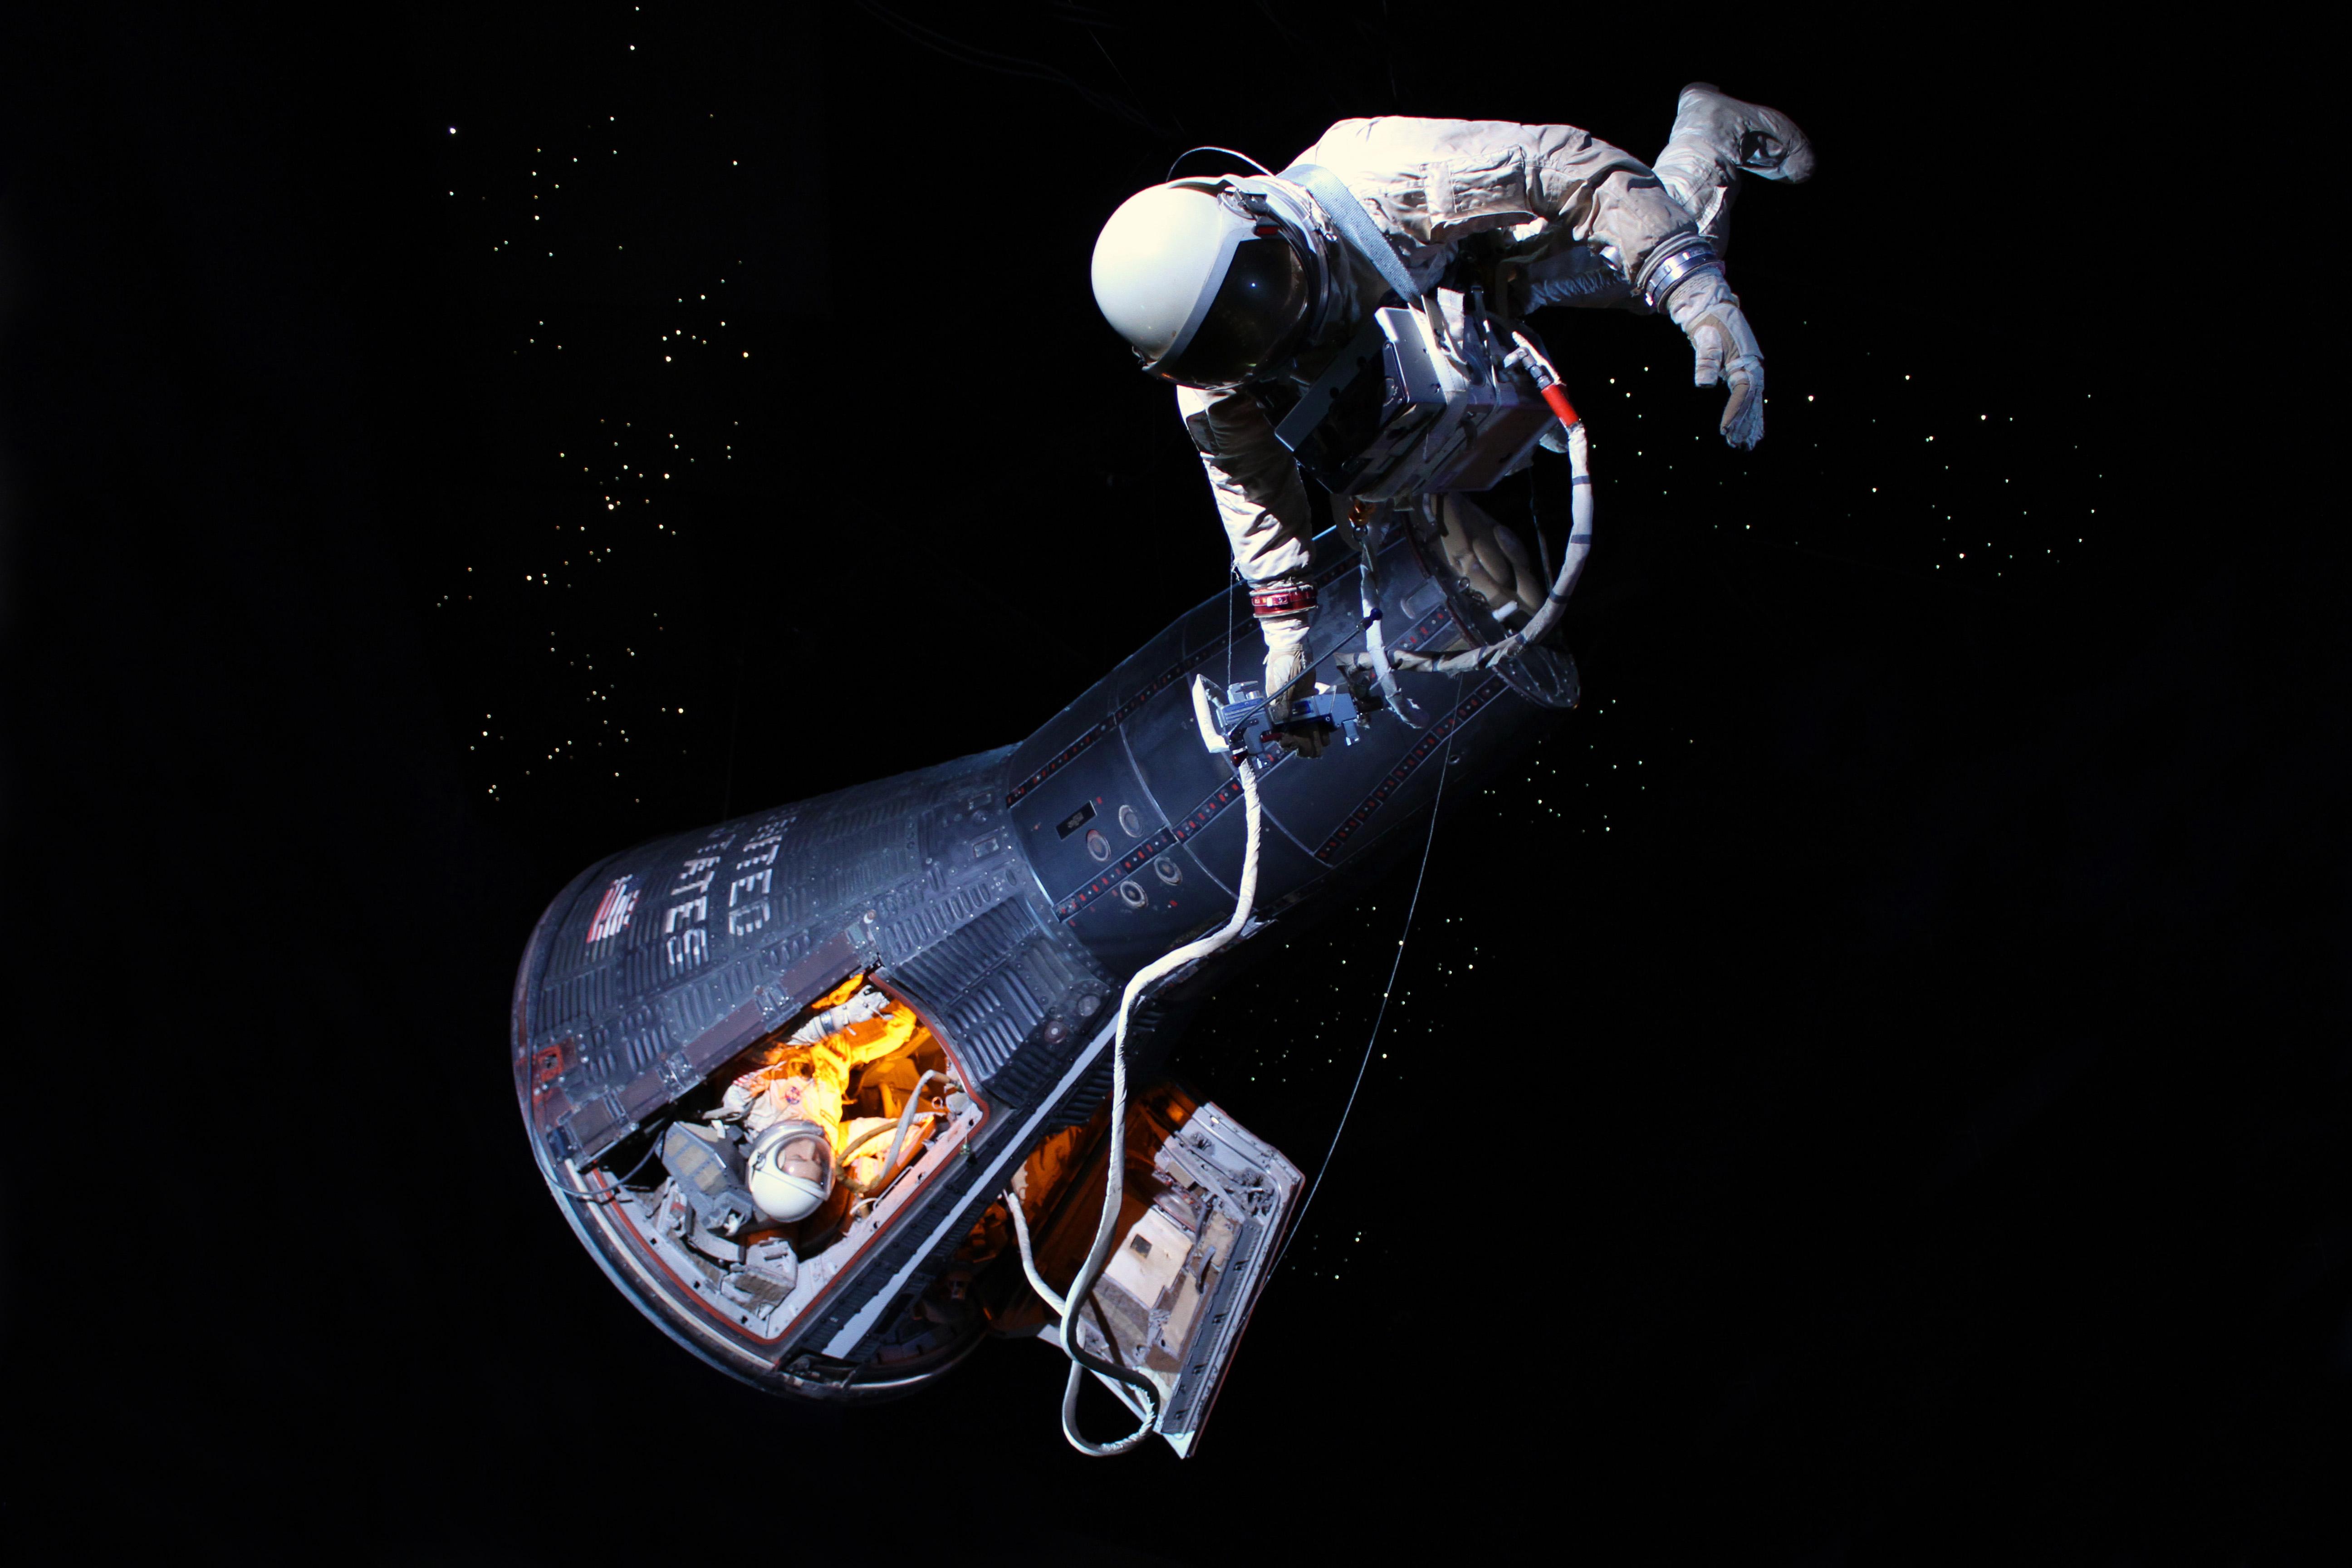 Gemini V capsule in our Starship Gallery.